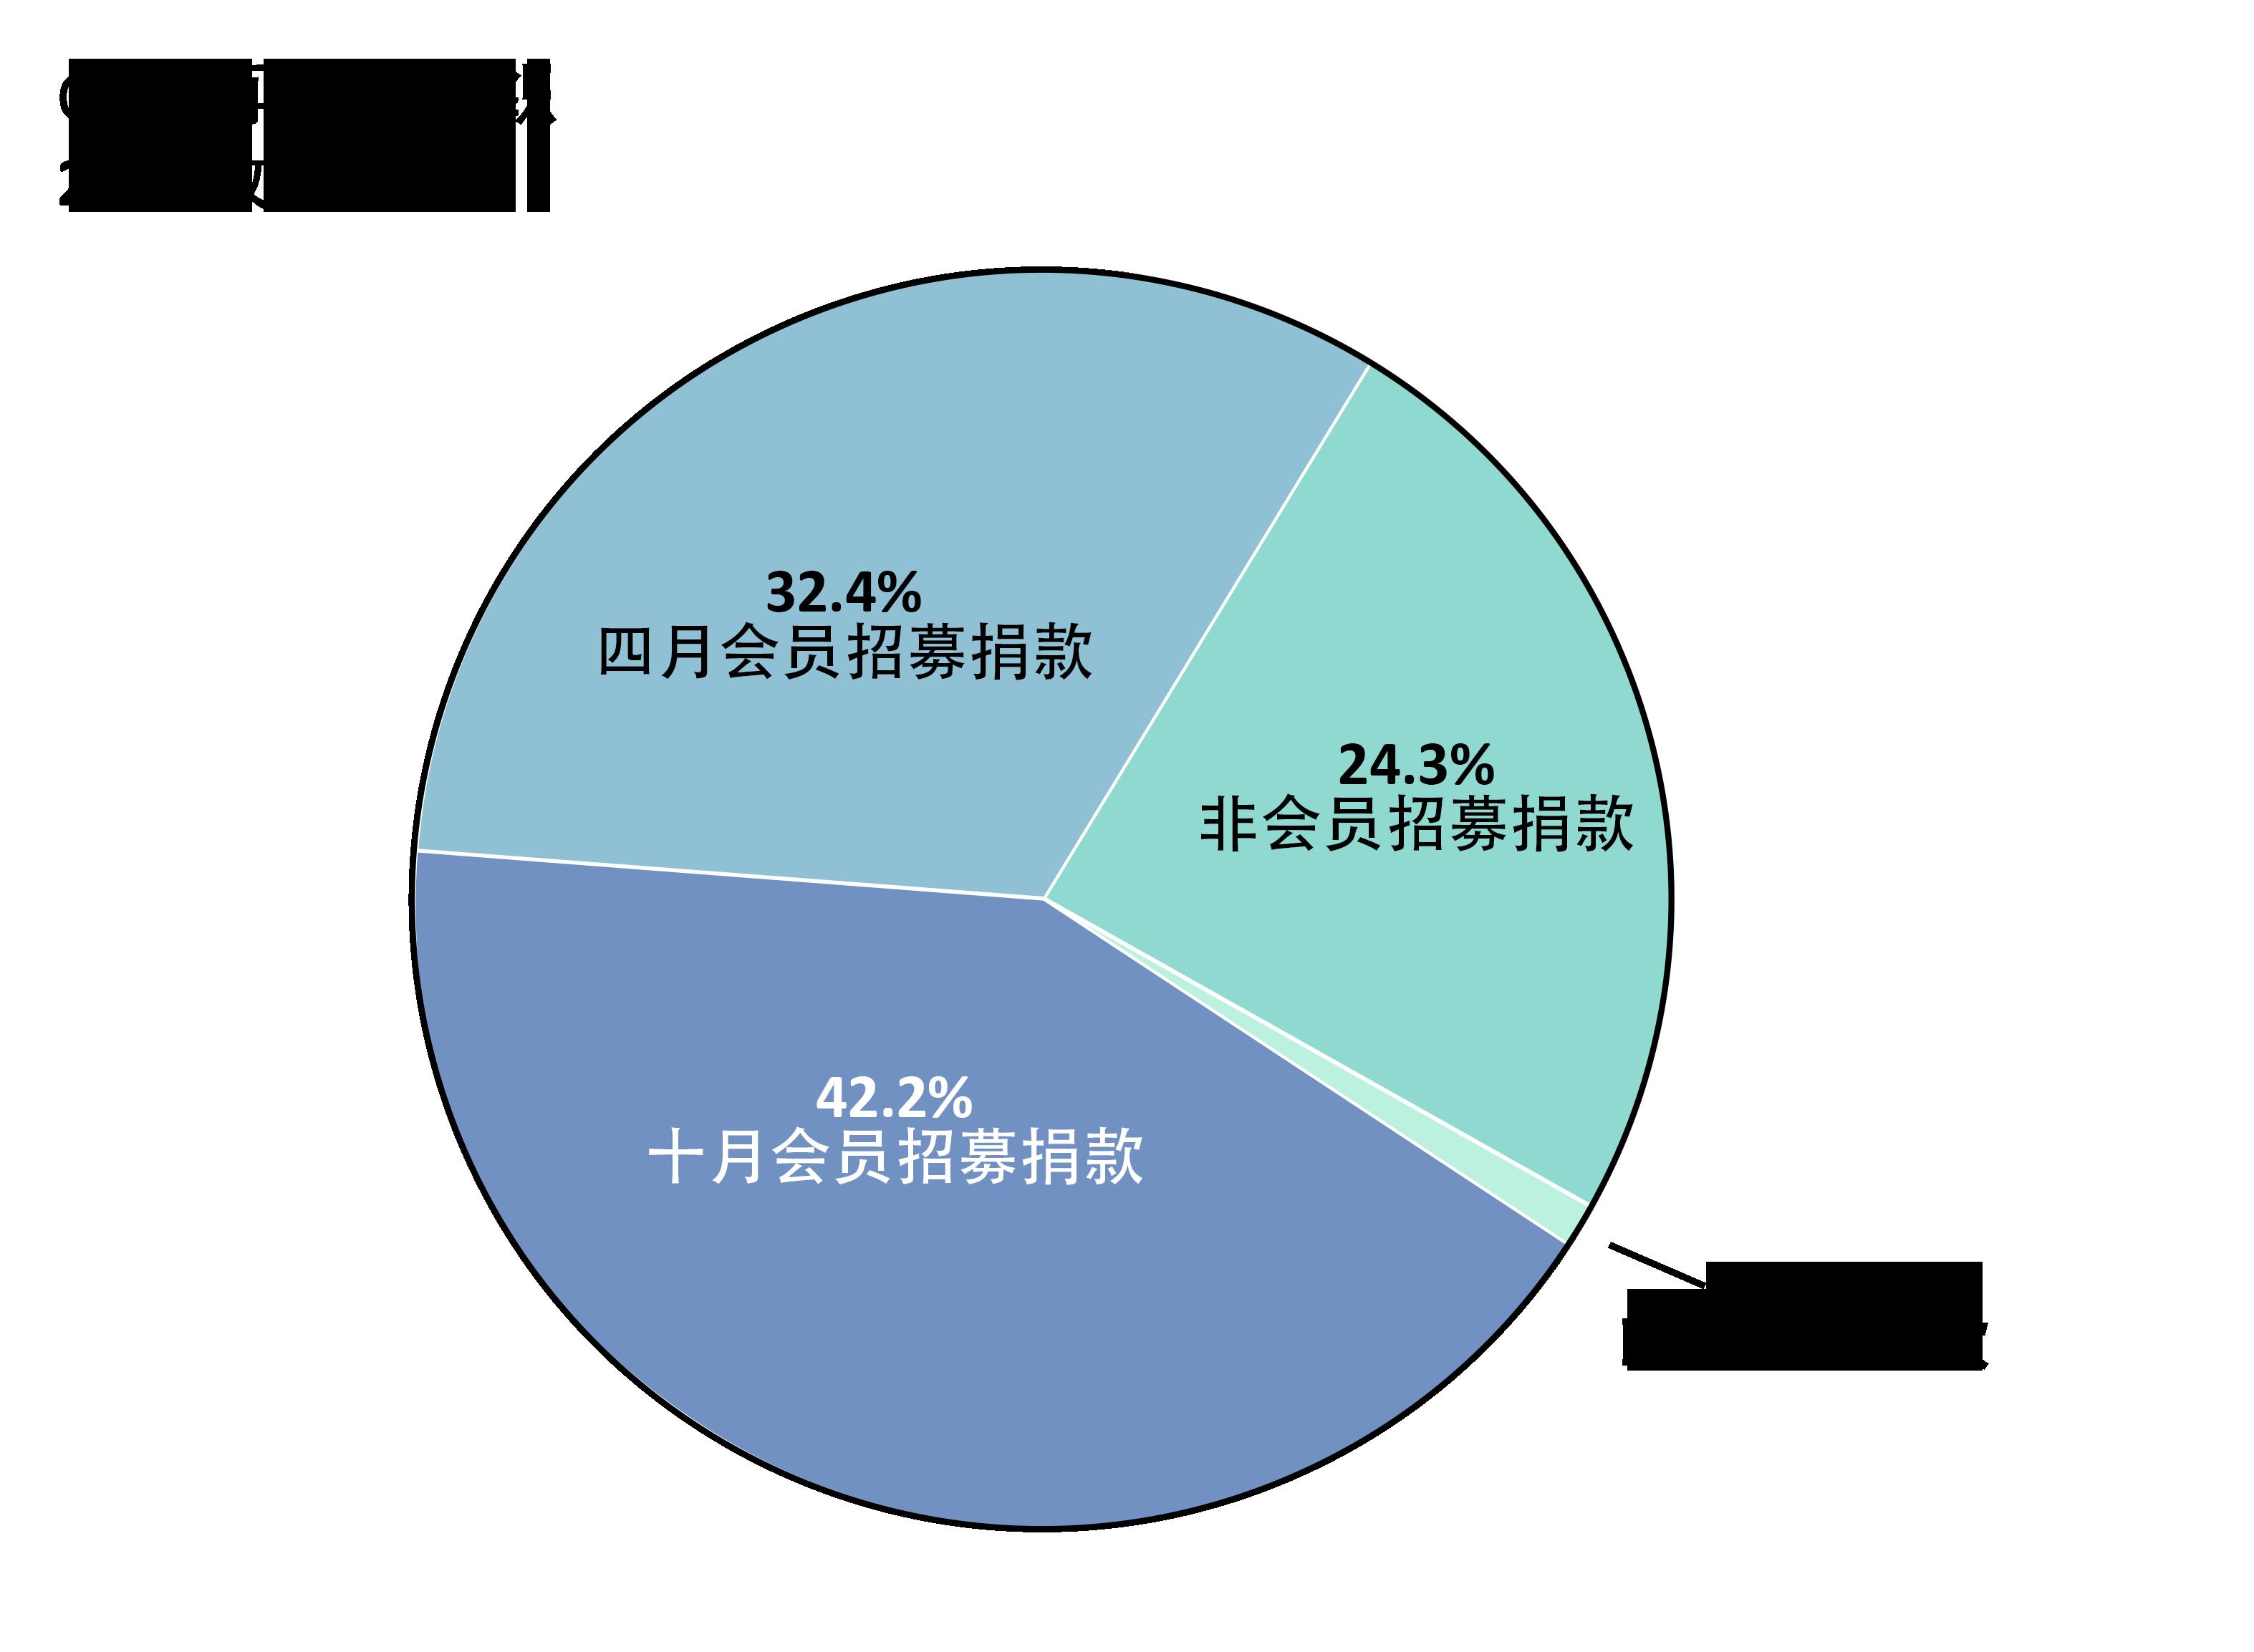 OTW收入:四月会员招募捐款:32.4%、十月会员招募捐款:42.2%、非会员招募捐款:24.3%、匹配程序捐款:1.1%。